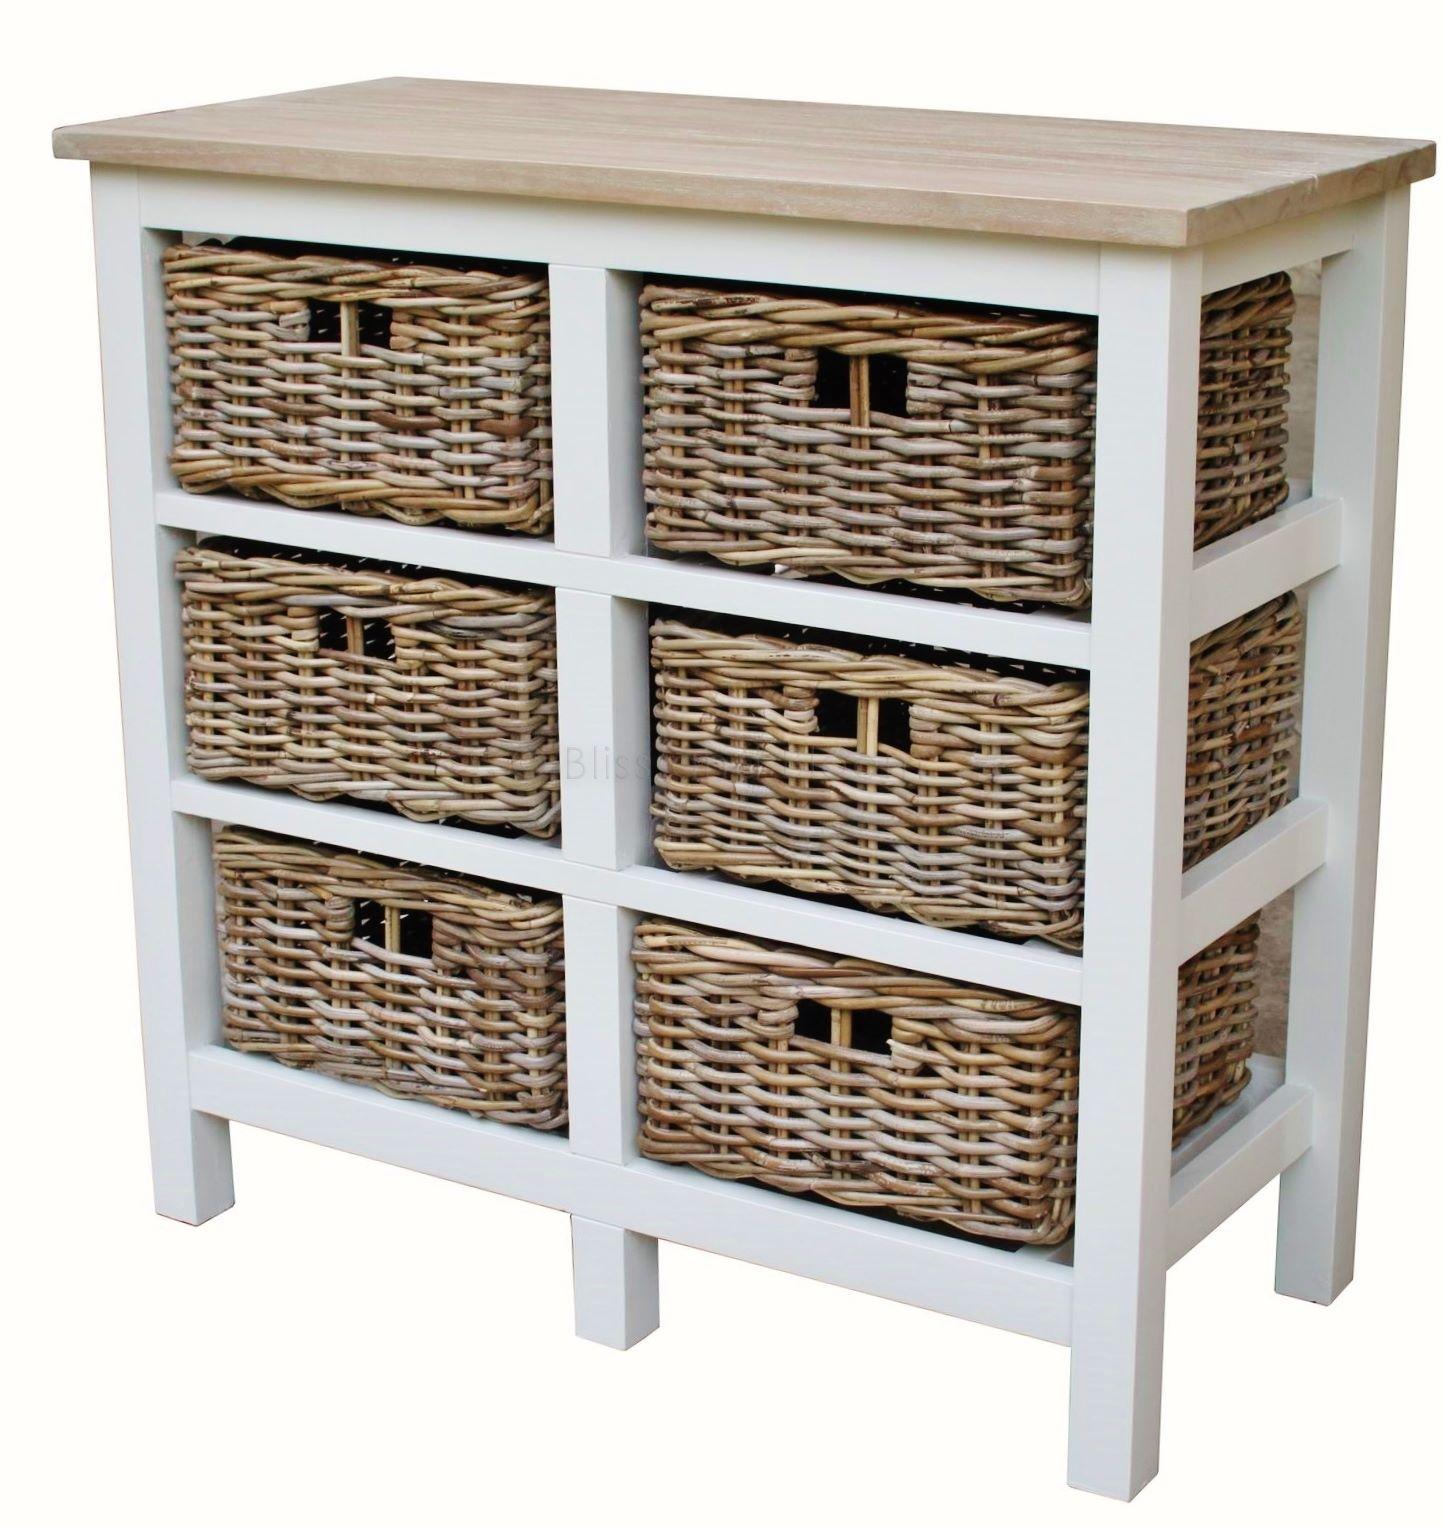 6 drawer basket storage unit bliss and bloom ltd. Black Bedroom Furniture Sets. Home Design Ideas